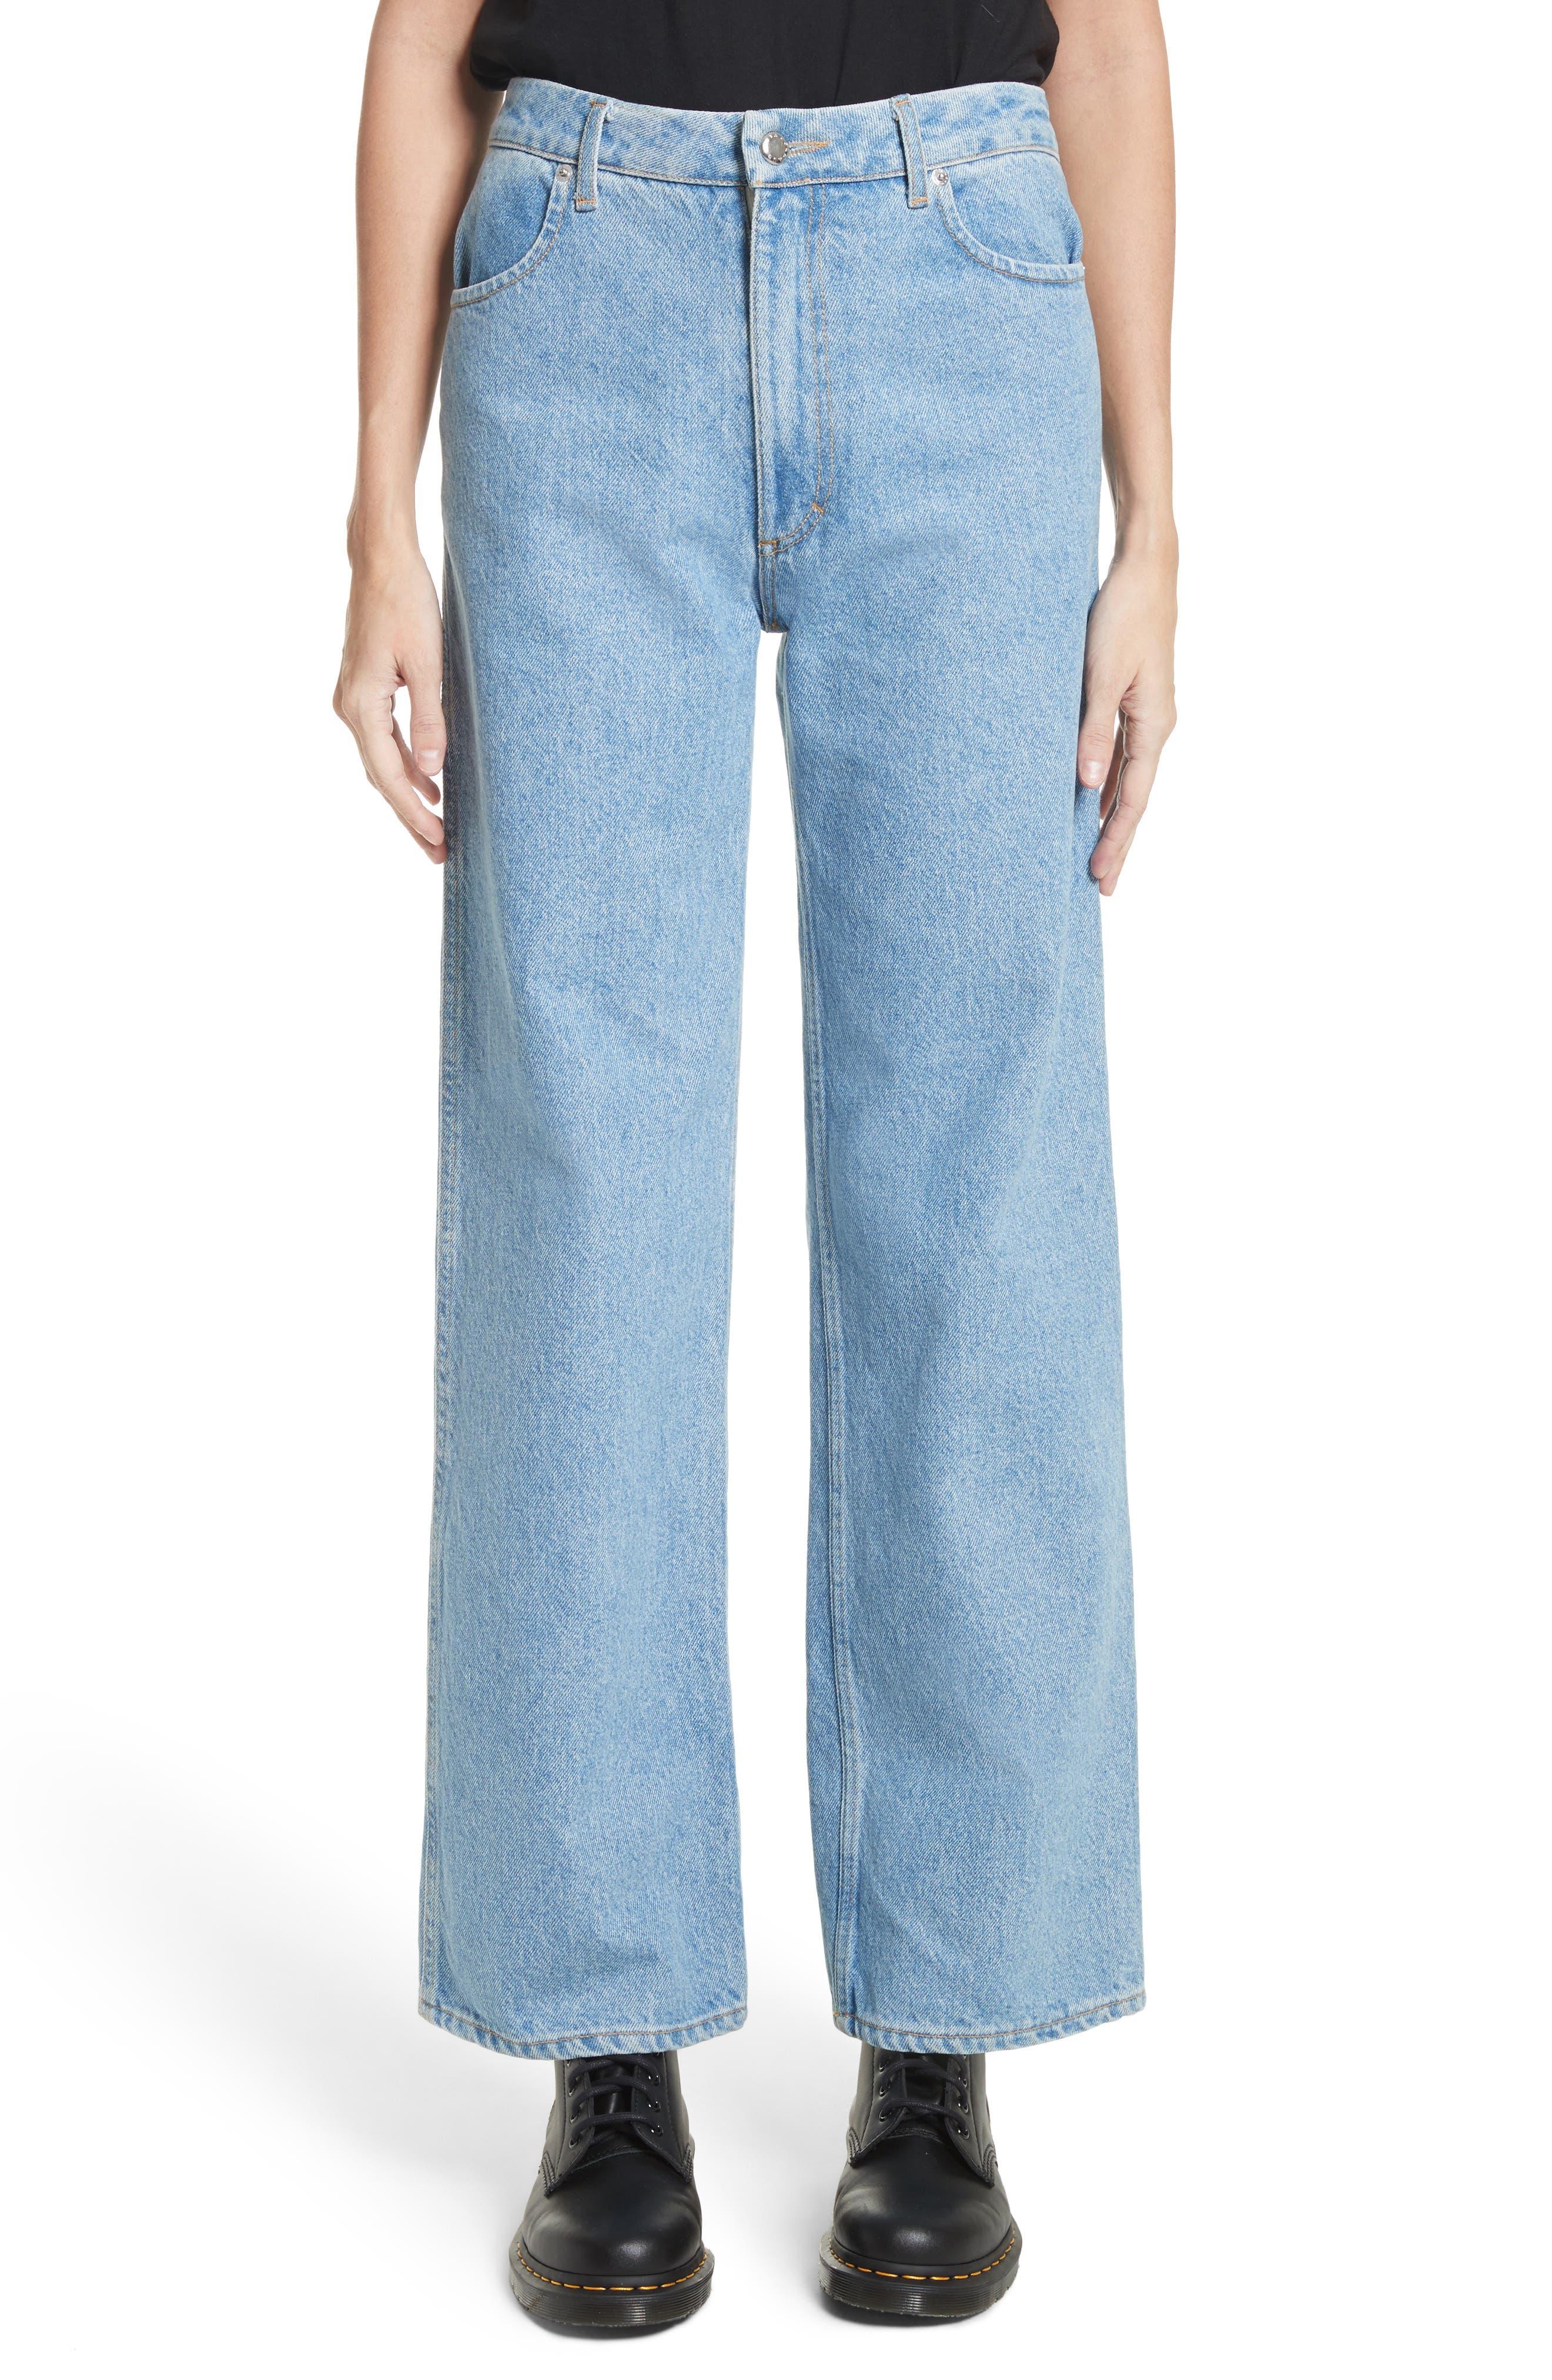 EL Wide Leg Jeans,                             Main thumbnail 1, color,                             400